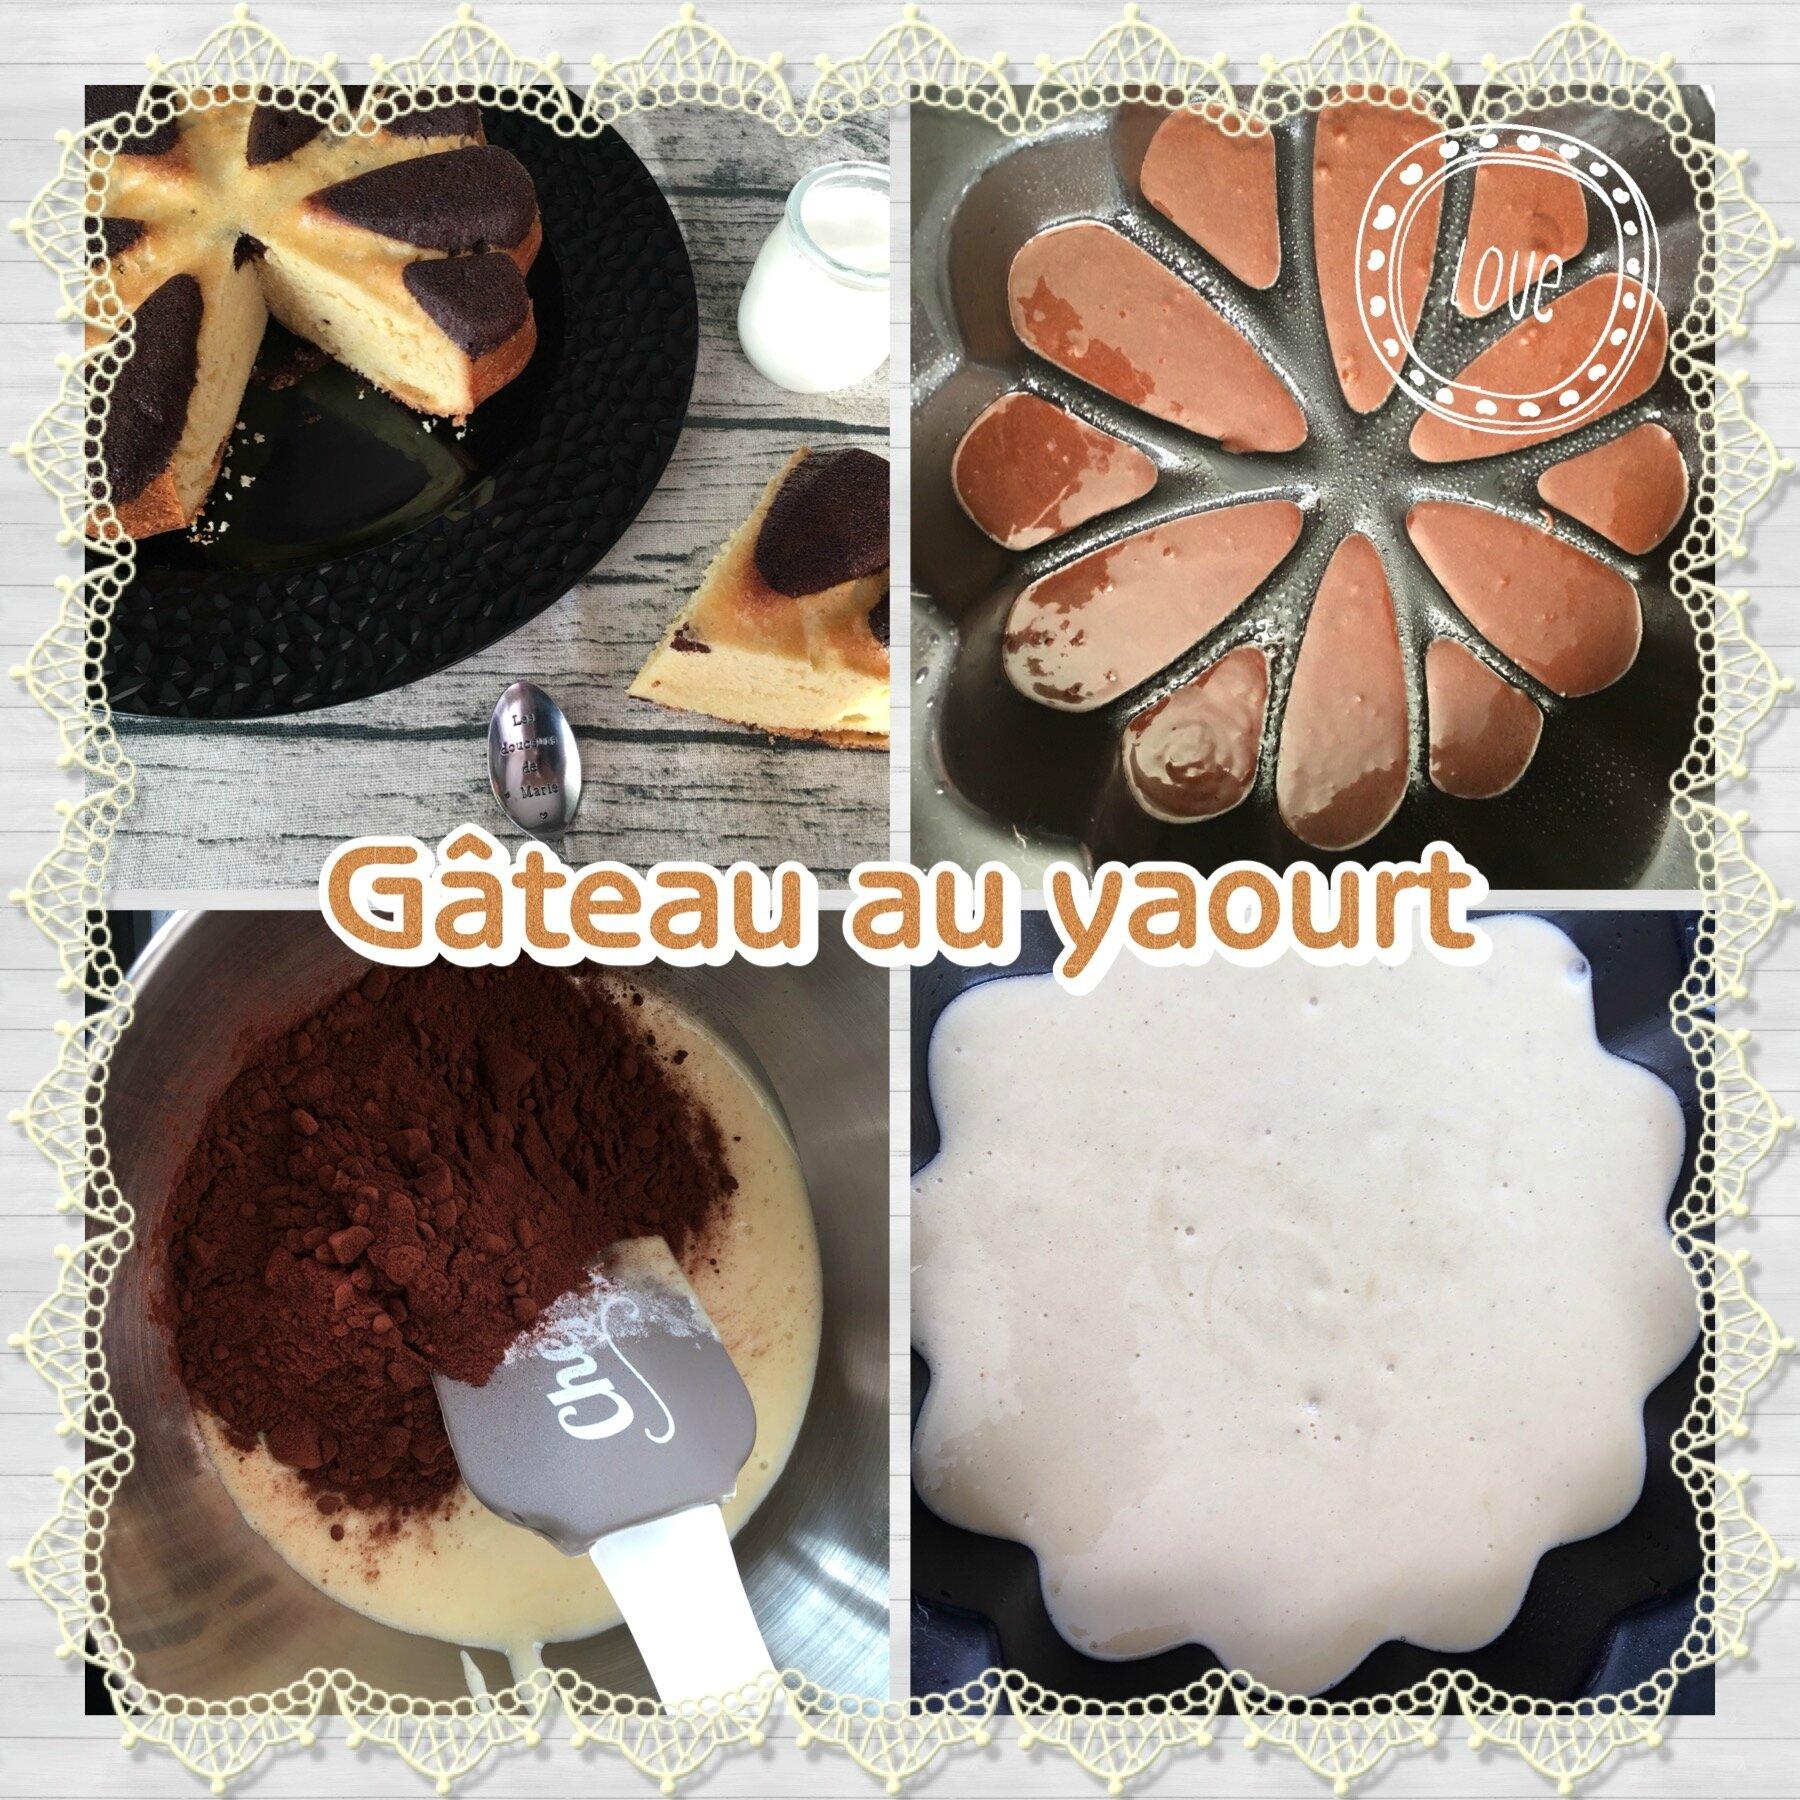 gateau au yaourt et ses variantes les